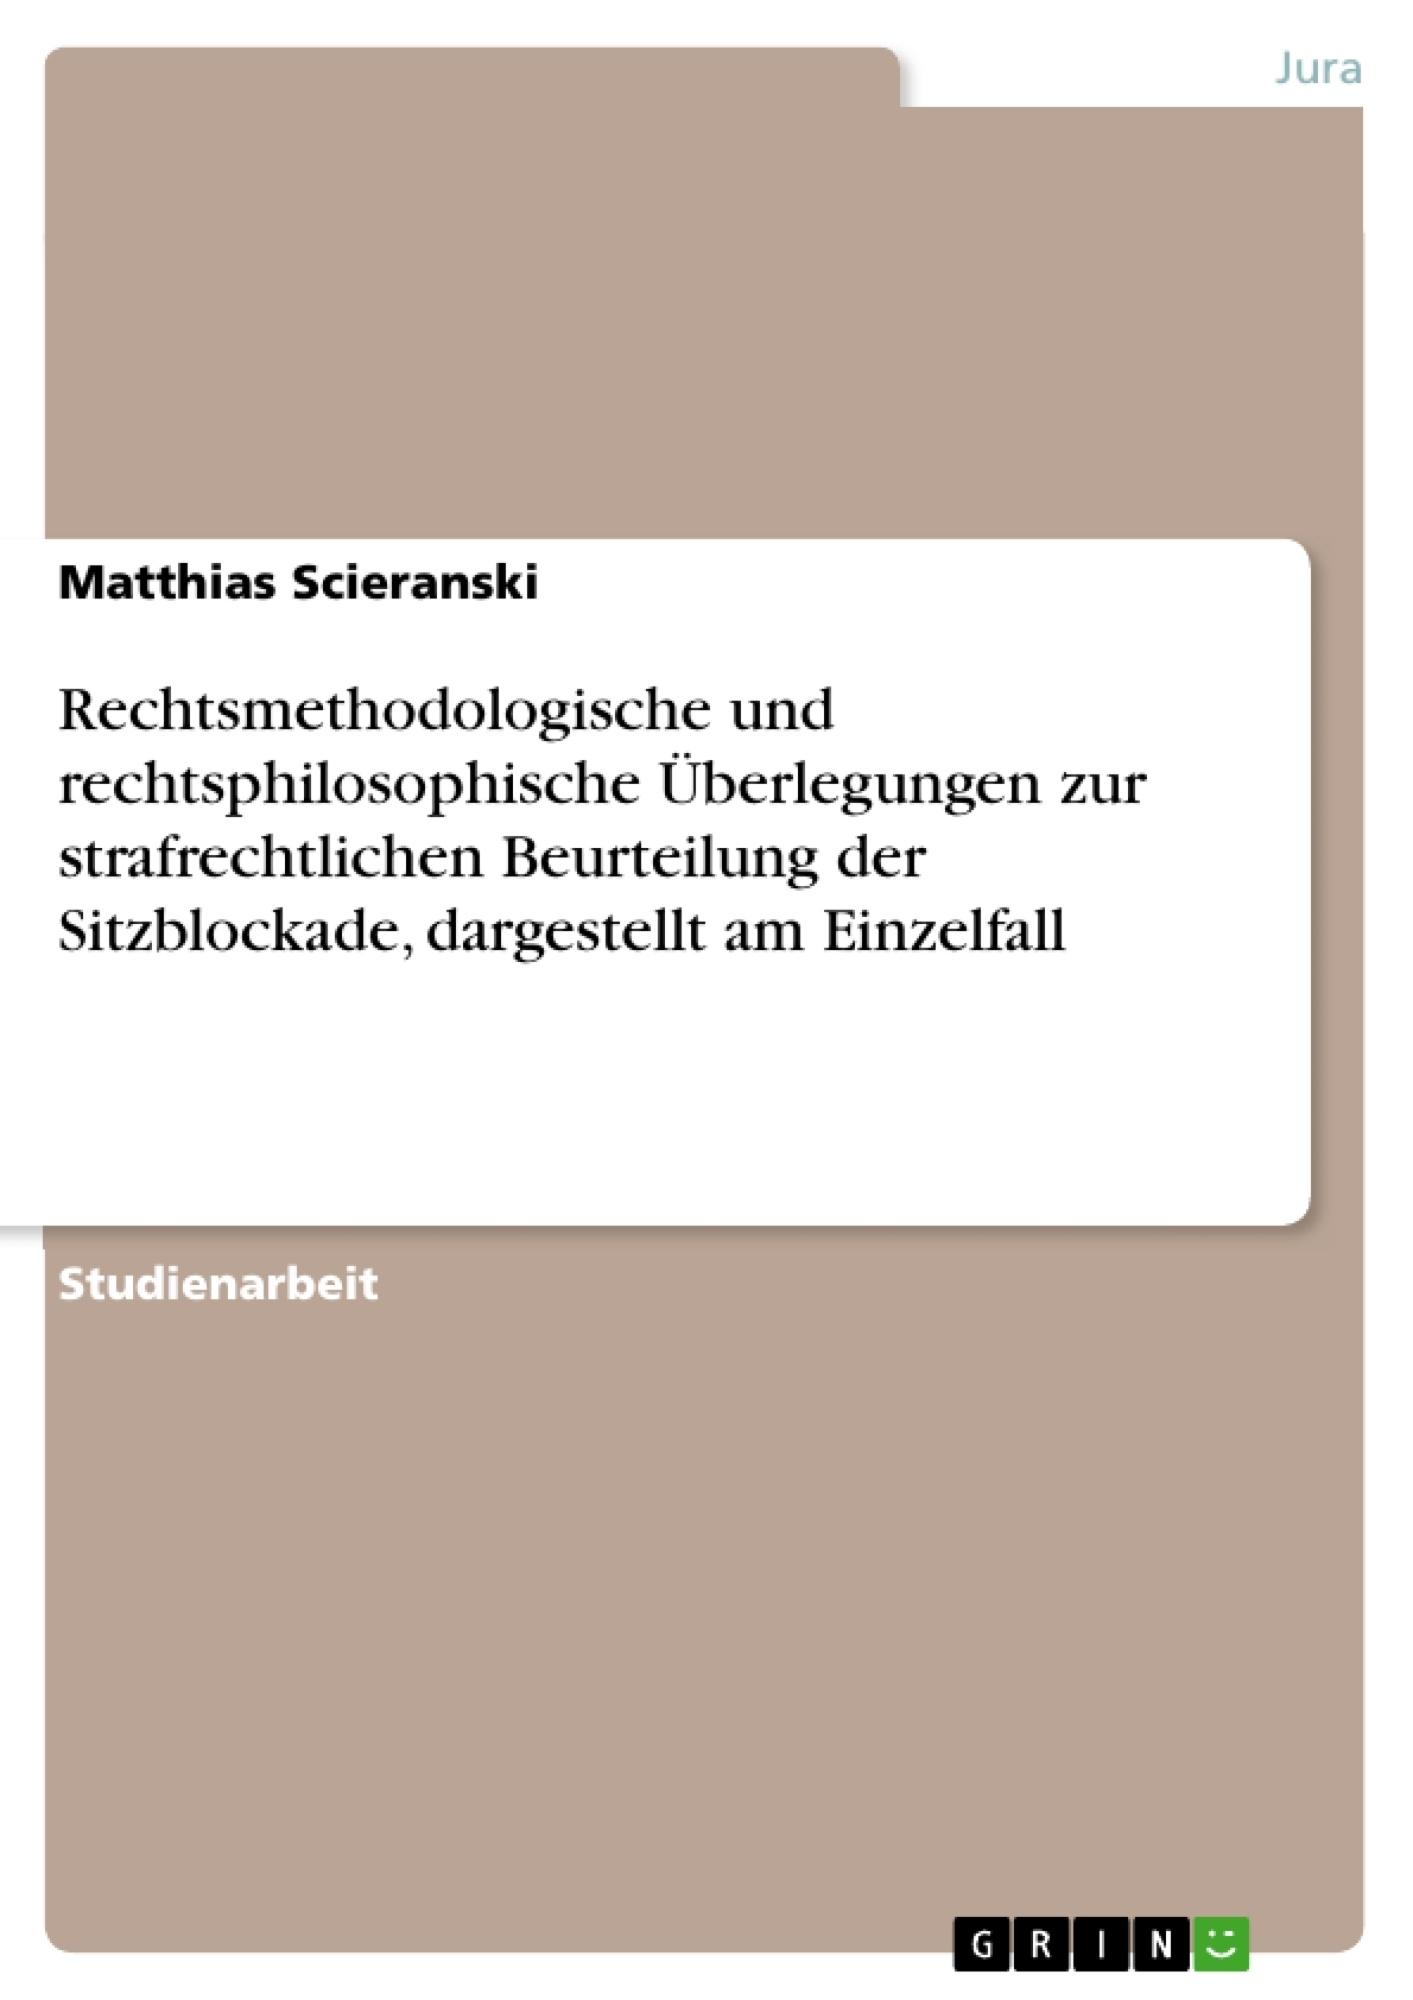 Titel: Rechtsmethodologische und rechtsphilosophische Überlegungen zur strafrechtlichen Beurteilung der Sitzblockade, dargestellt am Einzelfall